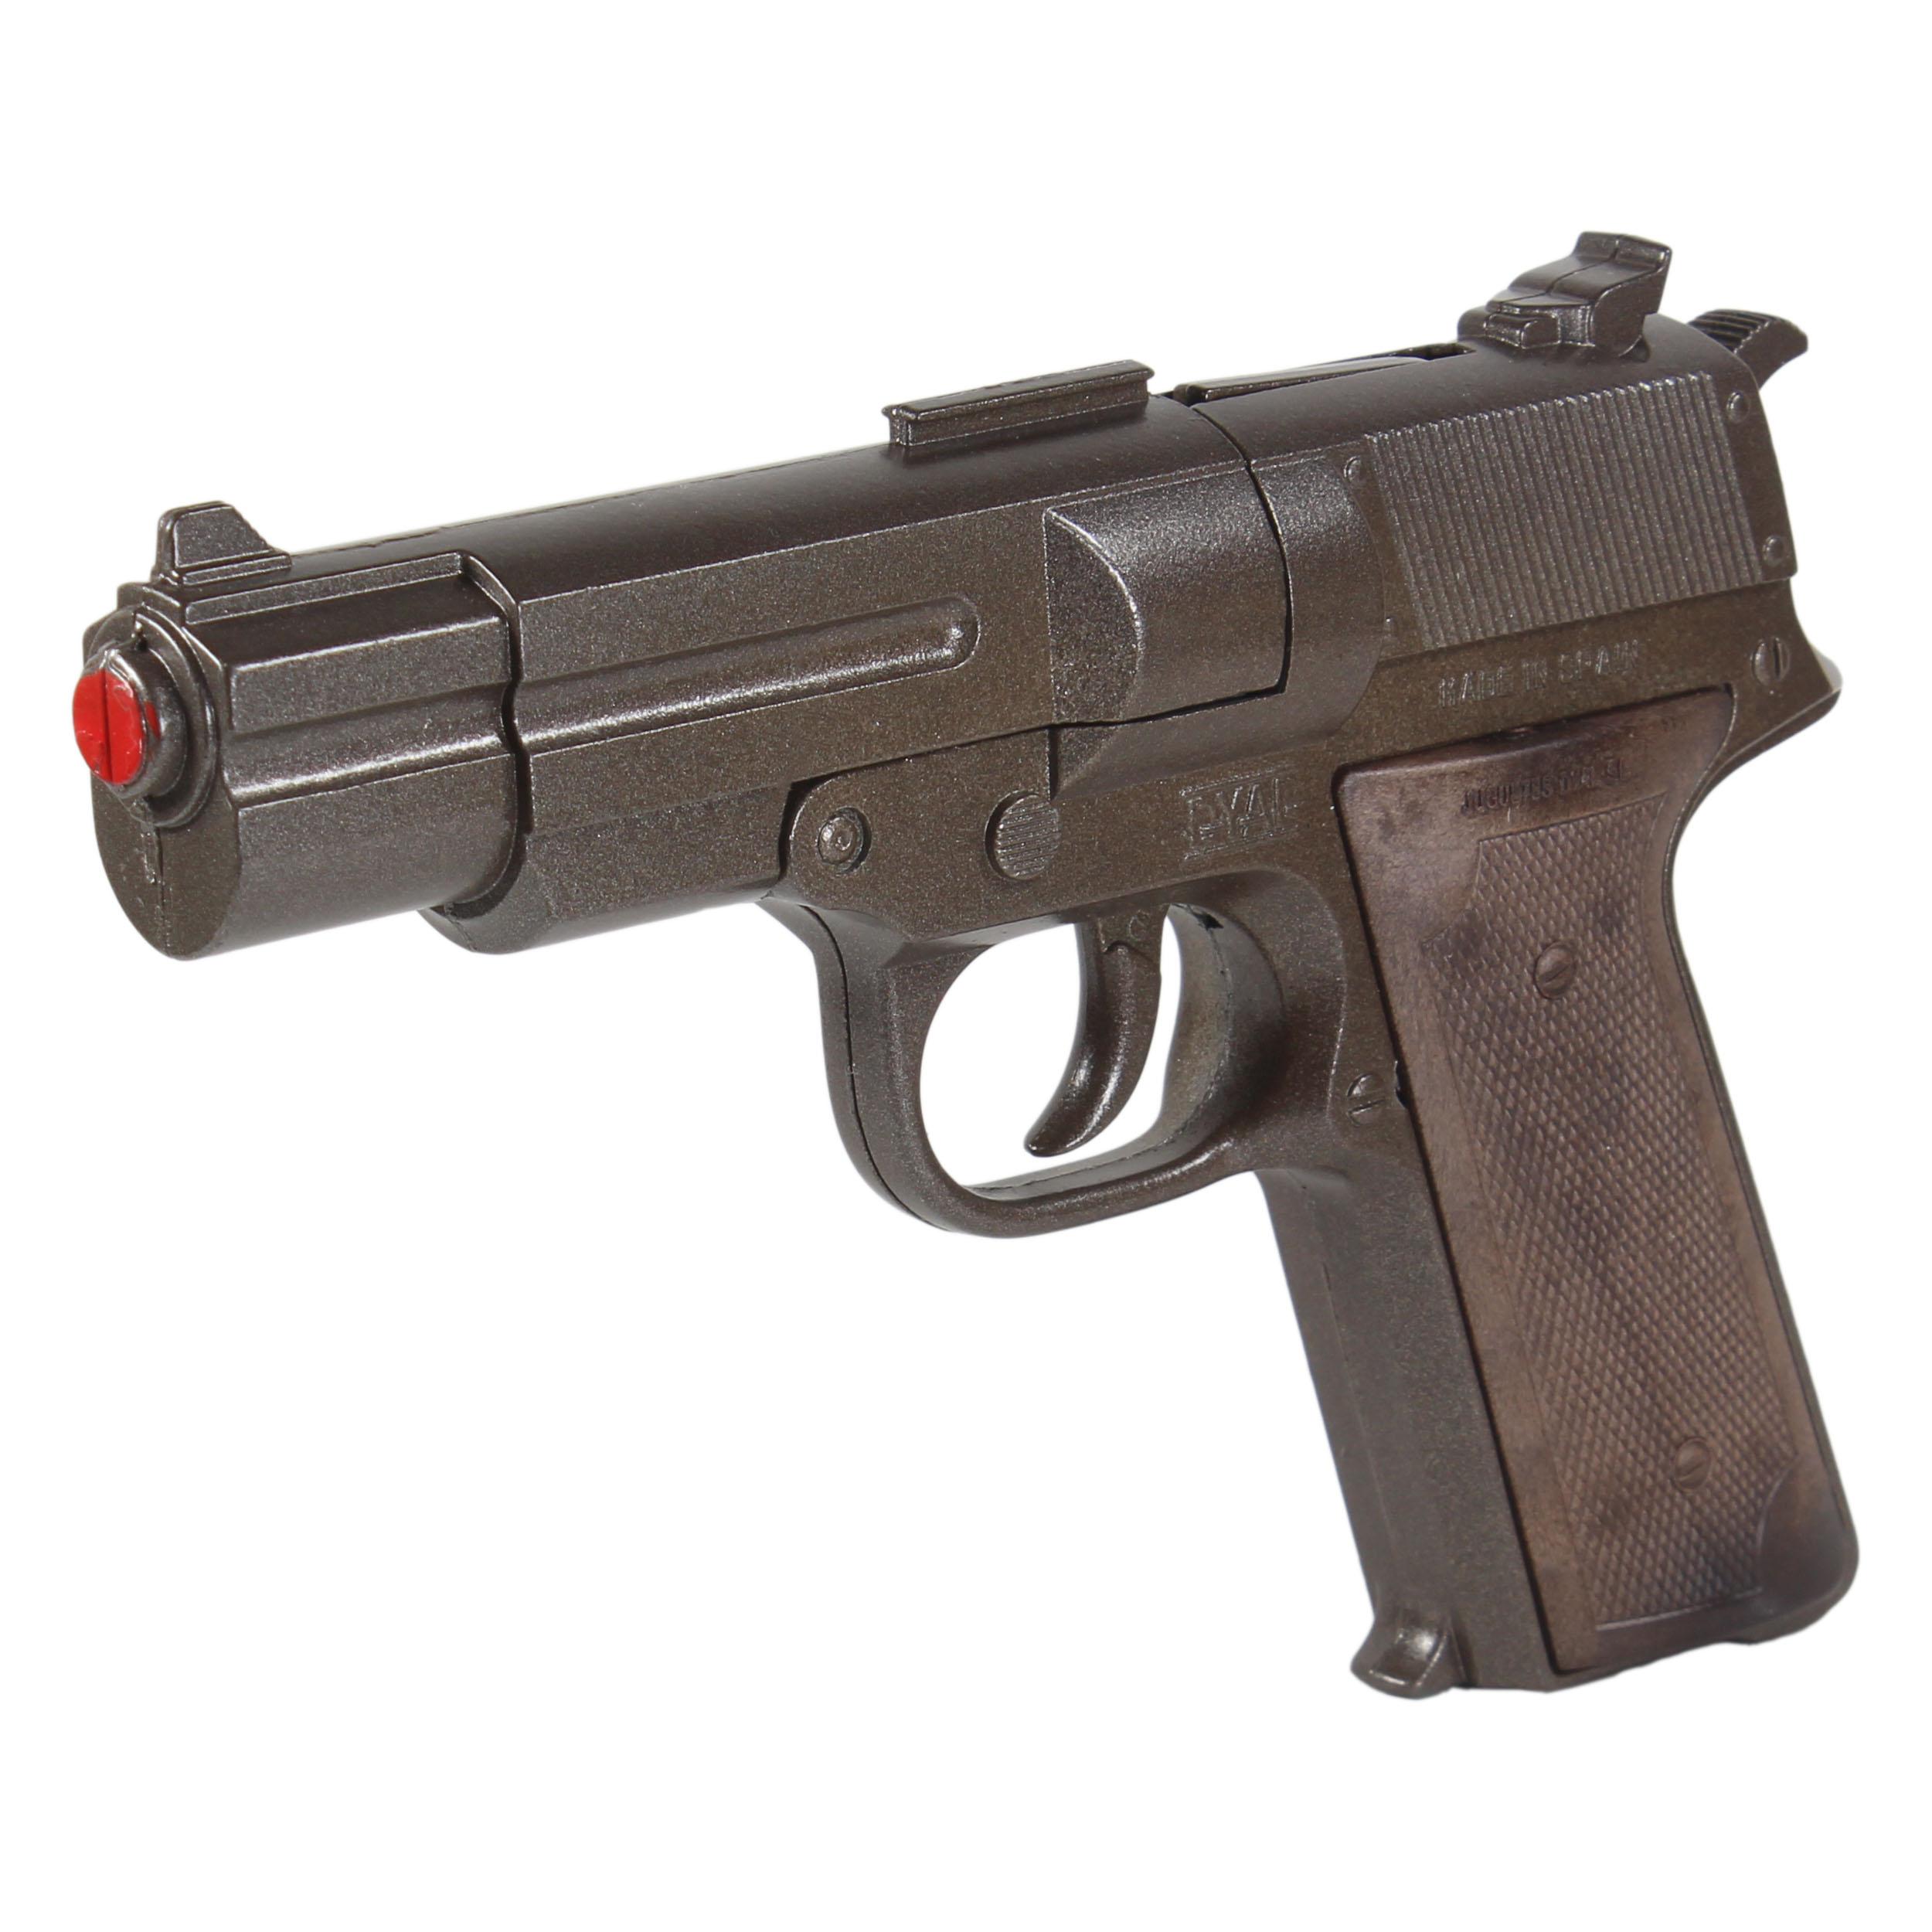 خرید                     تفنگ بازی طرح کلت مدل Special Action کد 0002